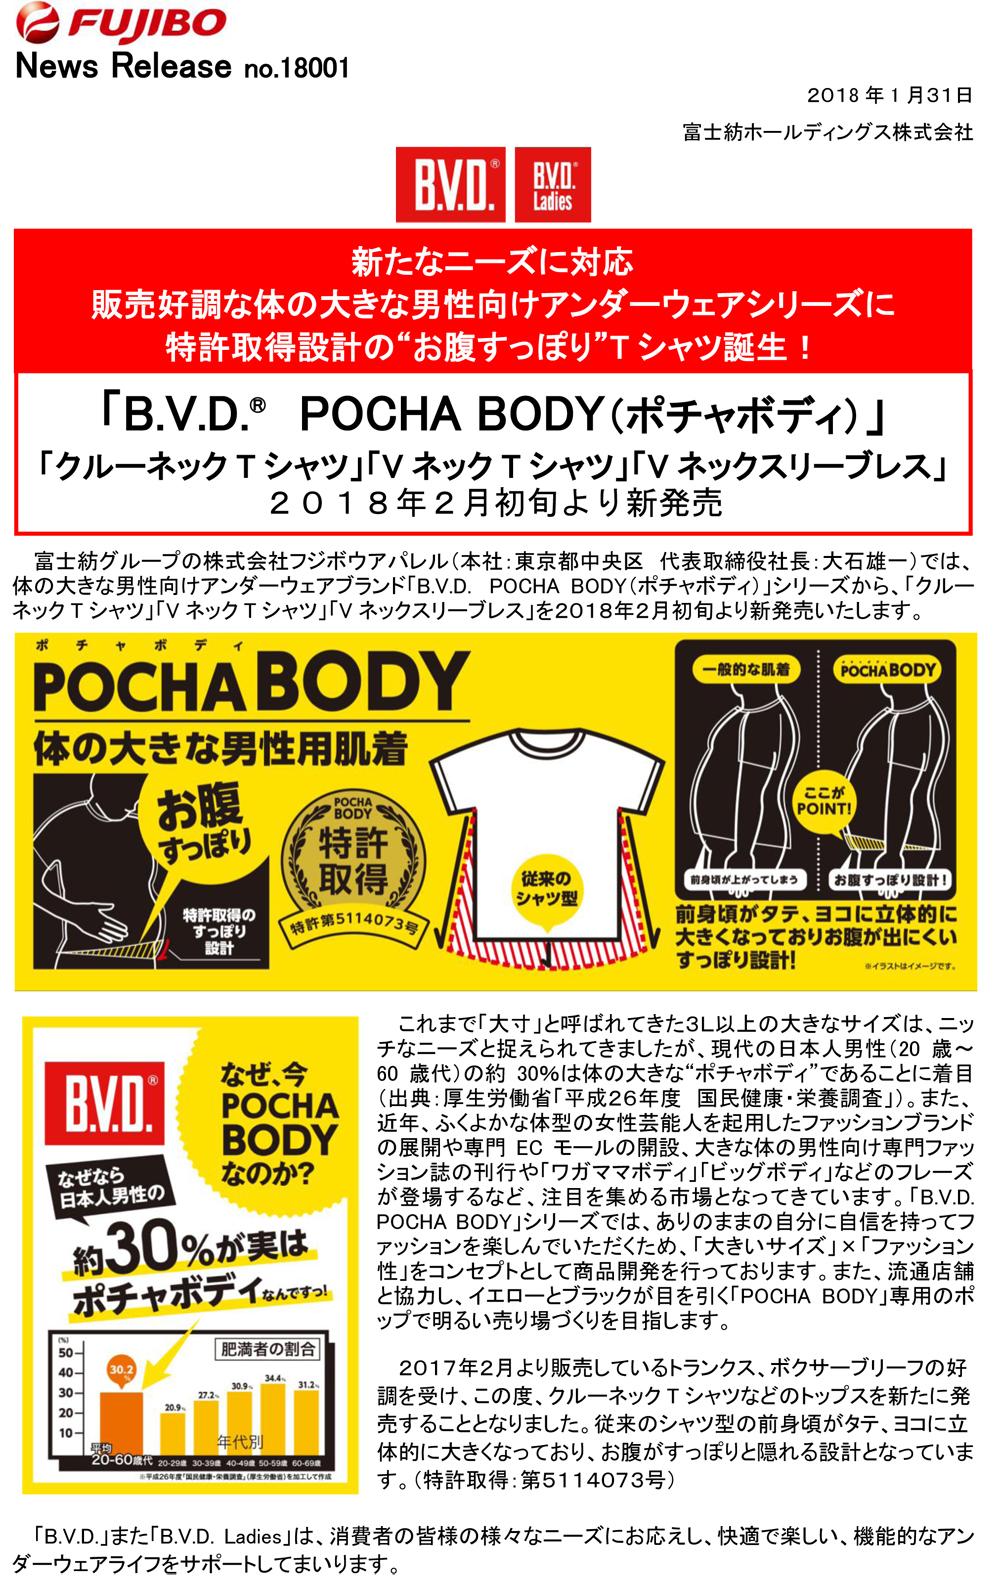 POCHA_BODY-1